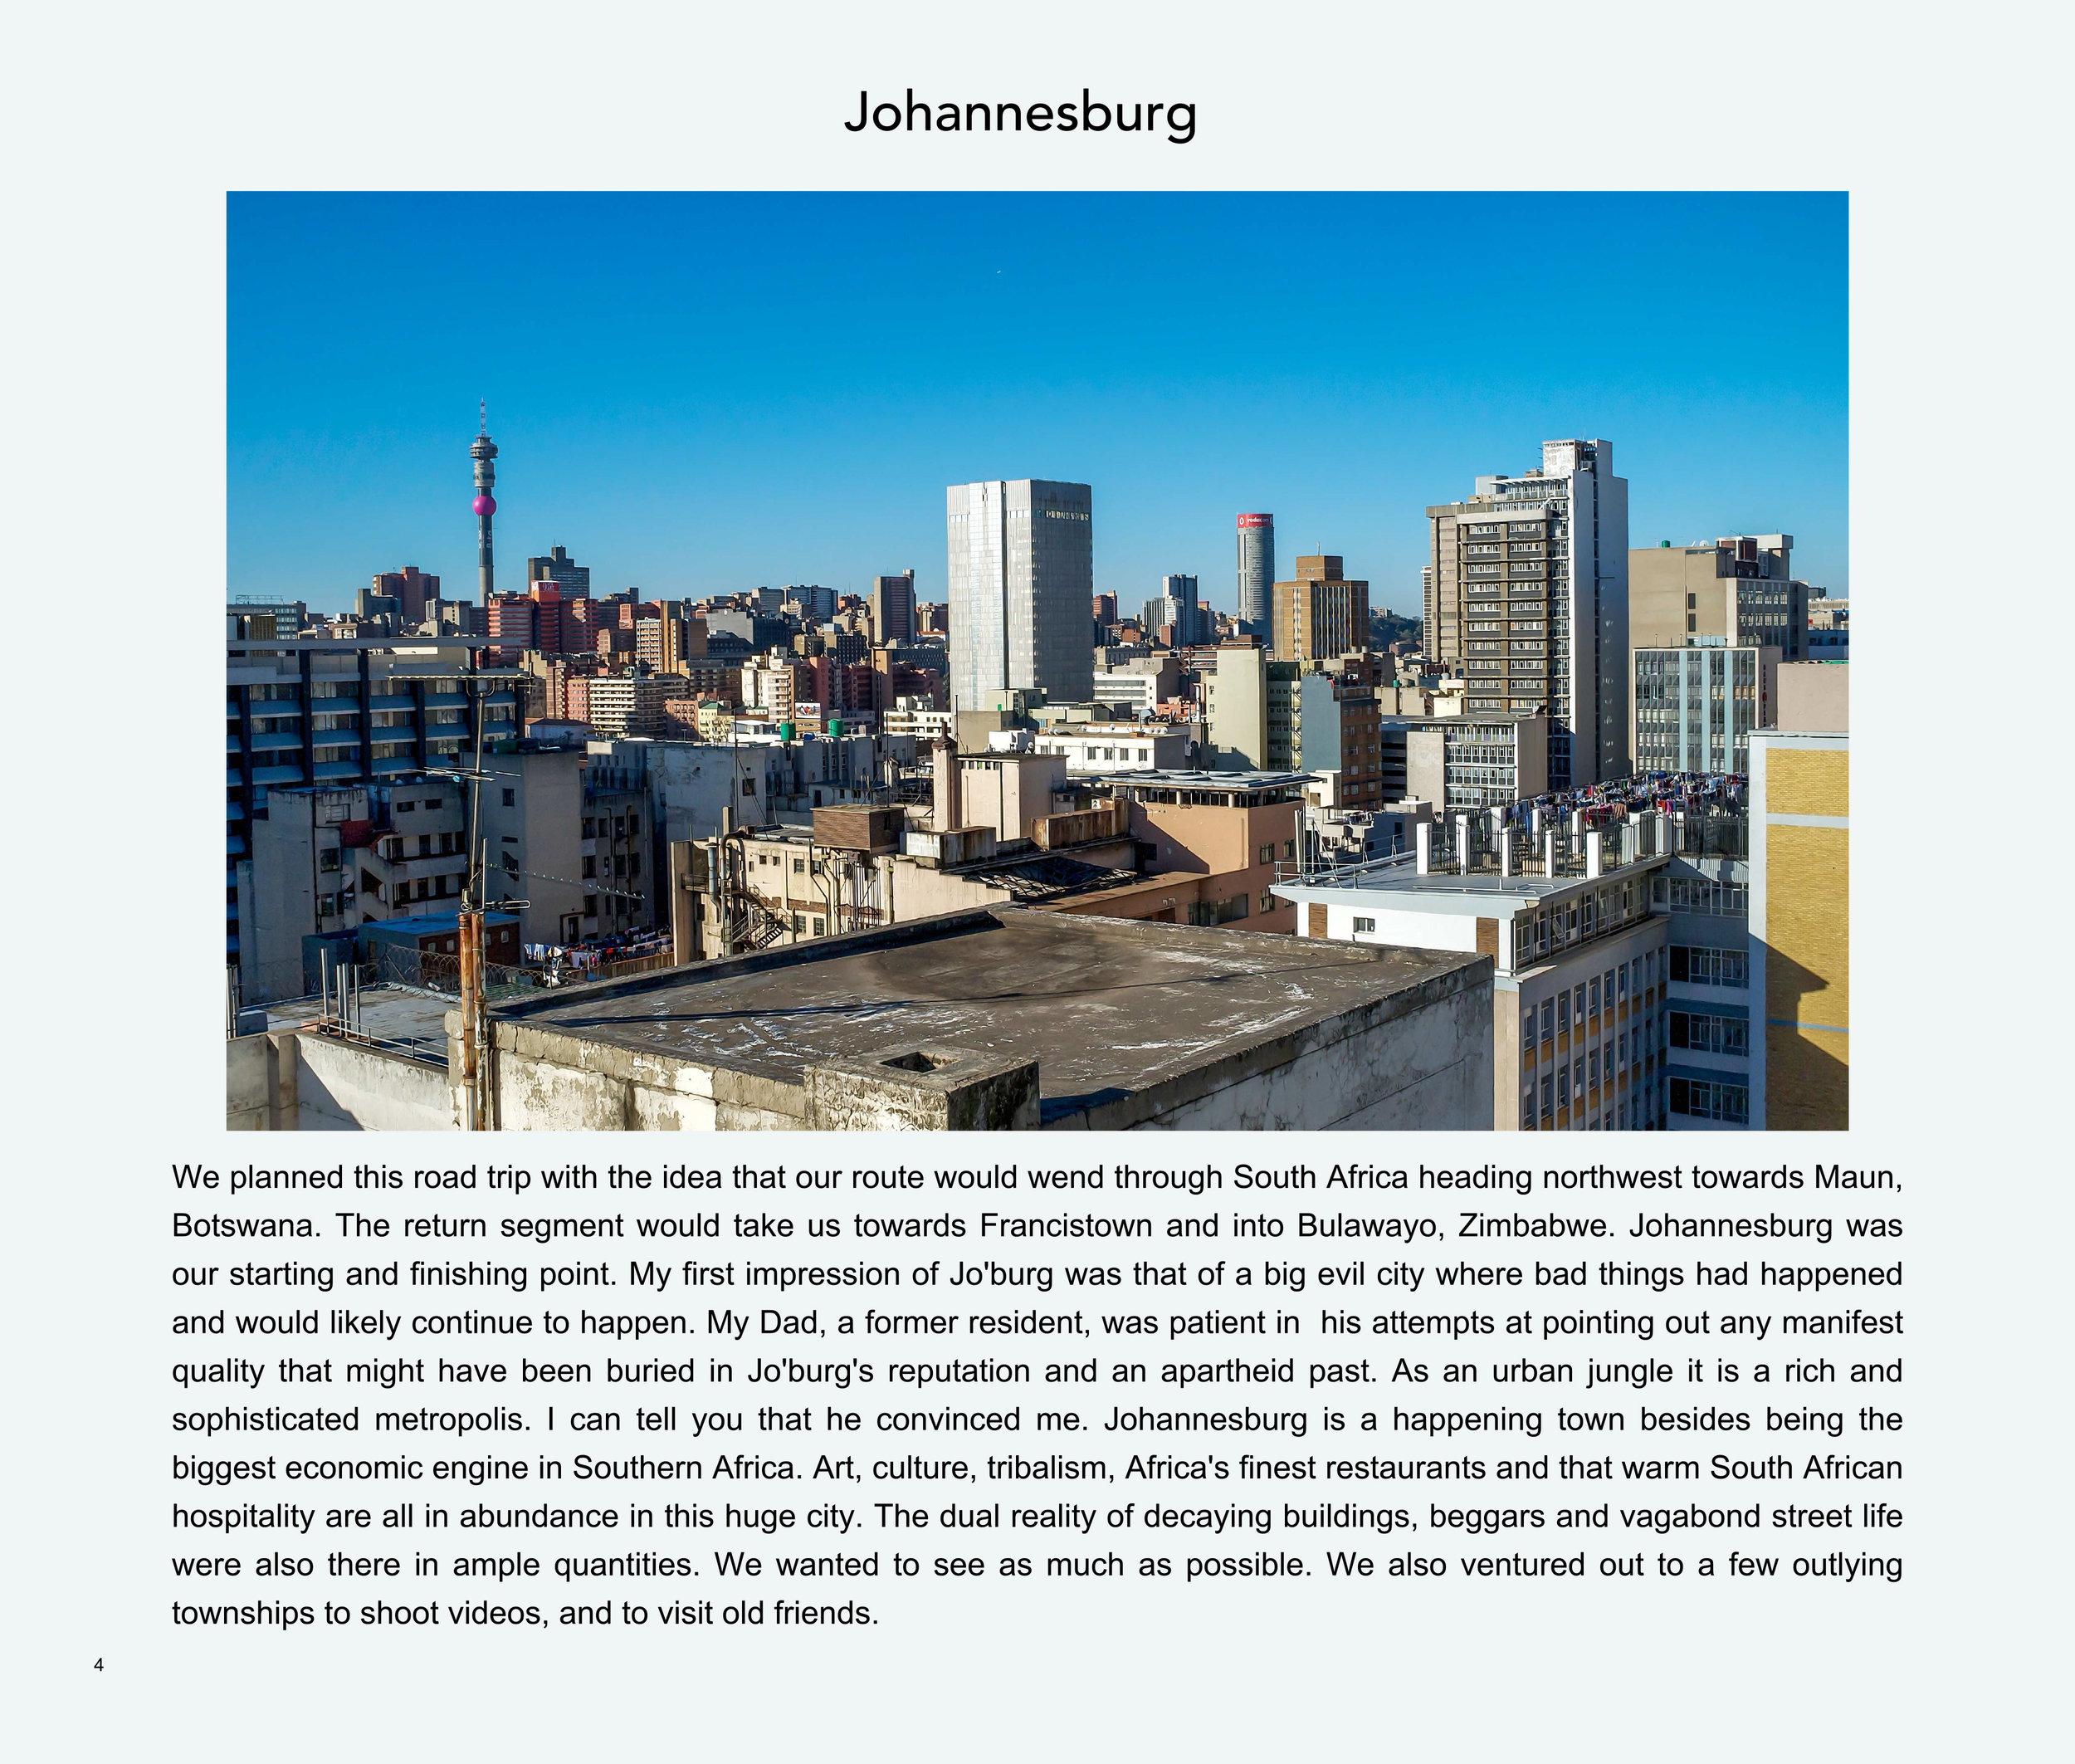 ImagesASouthernAfricaRoadTrip-6.jpg